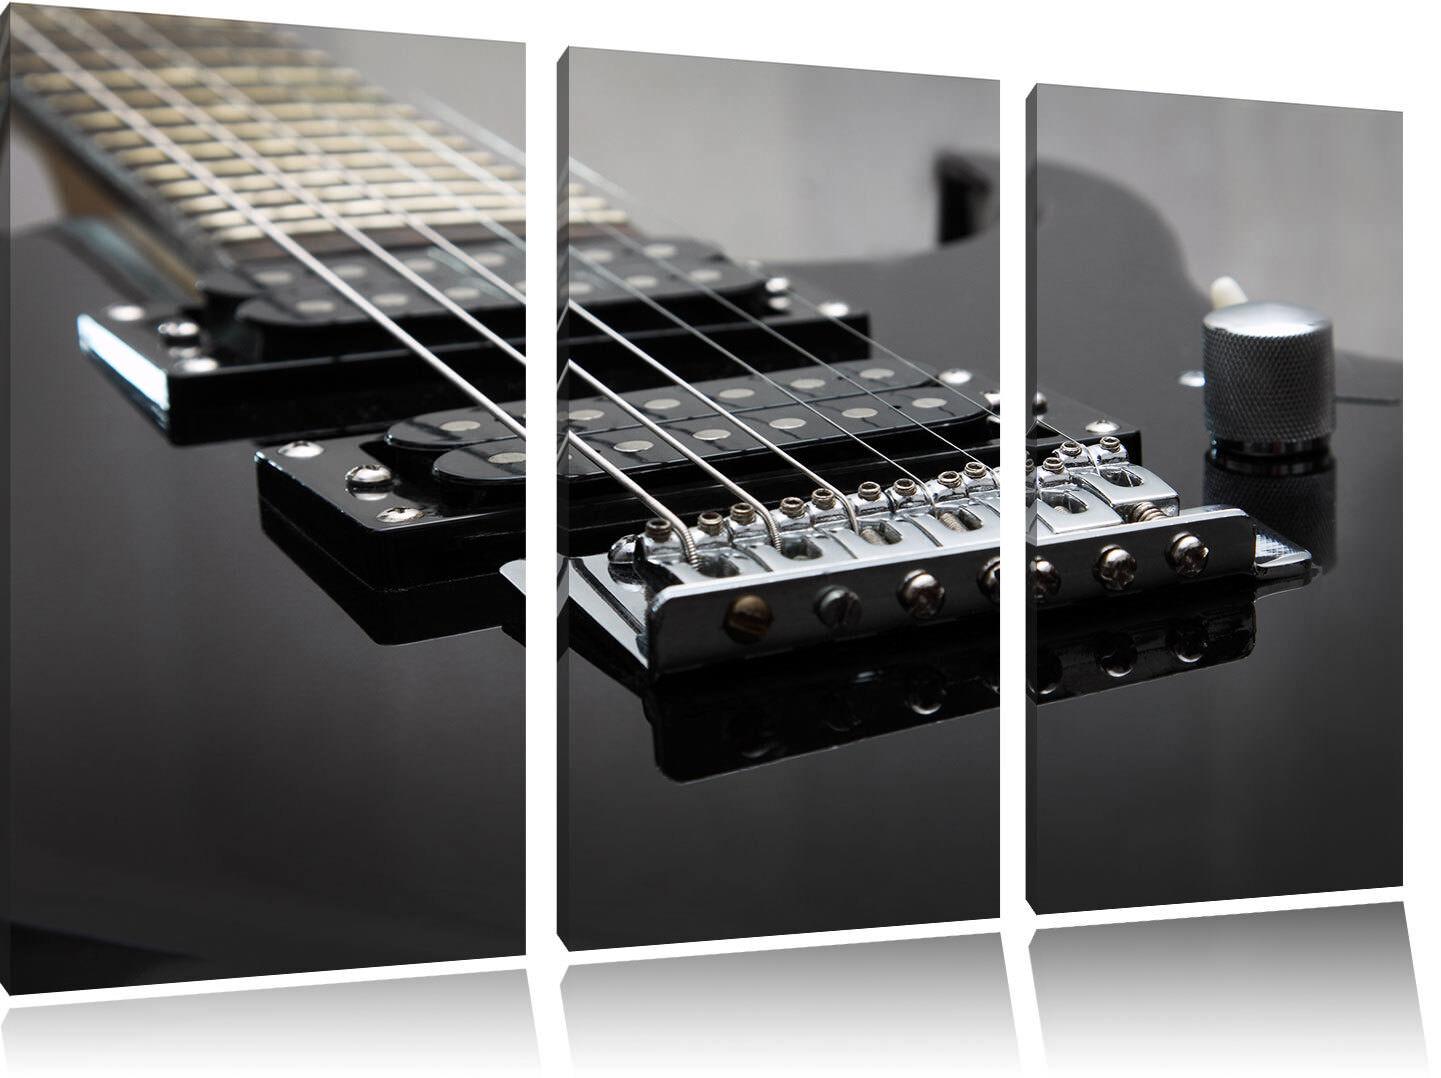 Noir E Guitar 3 Teiler Image De De De Toile Décoration Murale 40eaae